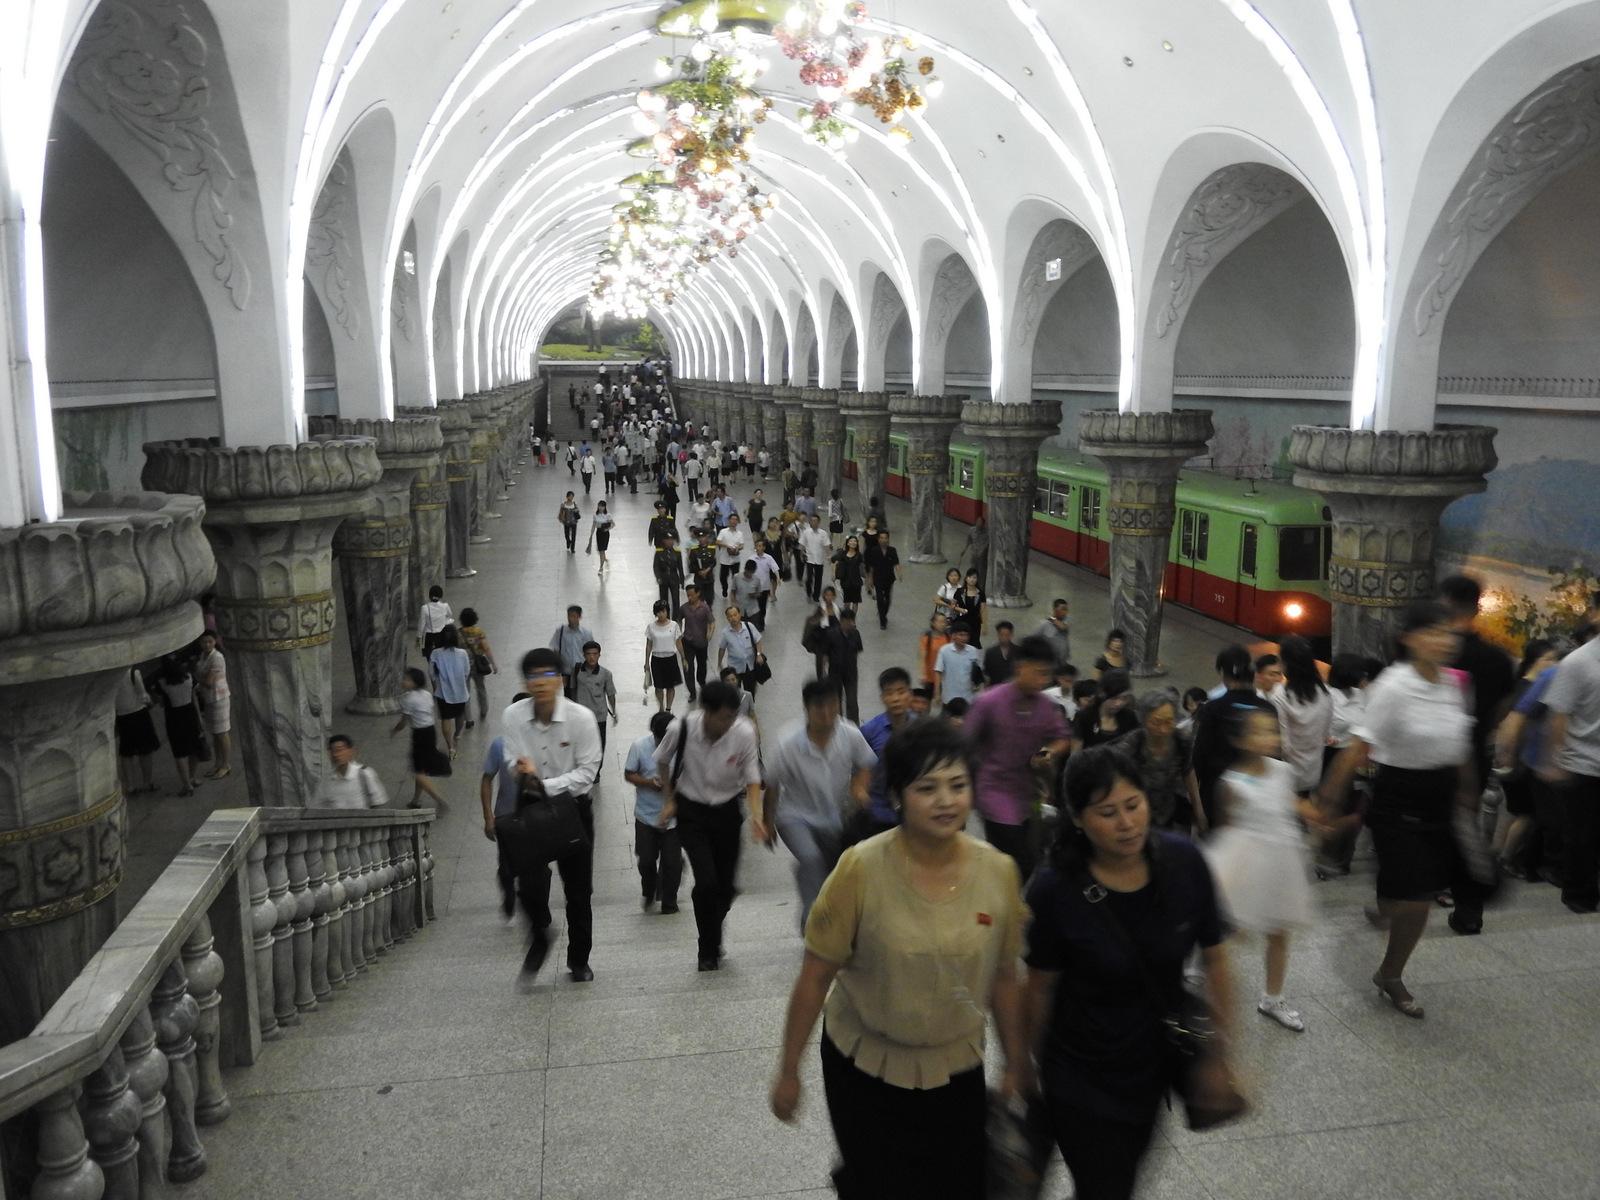 Κεντρικός σταθμός  του μετρό της Πιονγιάνγκ, το οποίο διακρίνεται για  την απλότητα του, την όμορφη αισθητική, με έντονη την παρουσία  του μάρμαρου και των τοιχογραφιών.